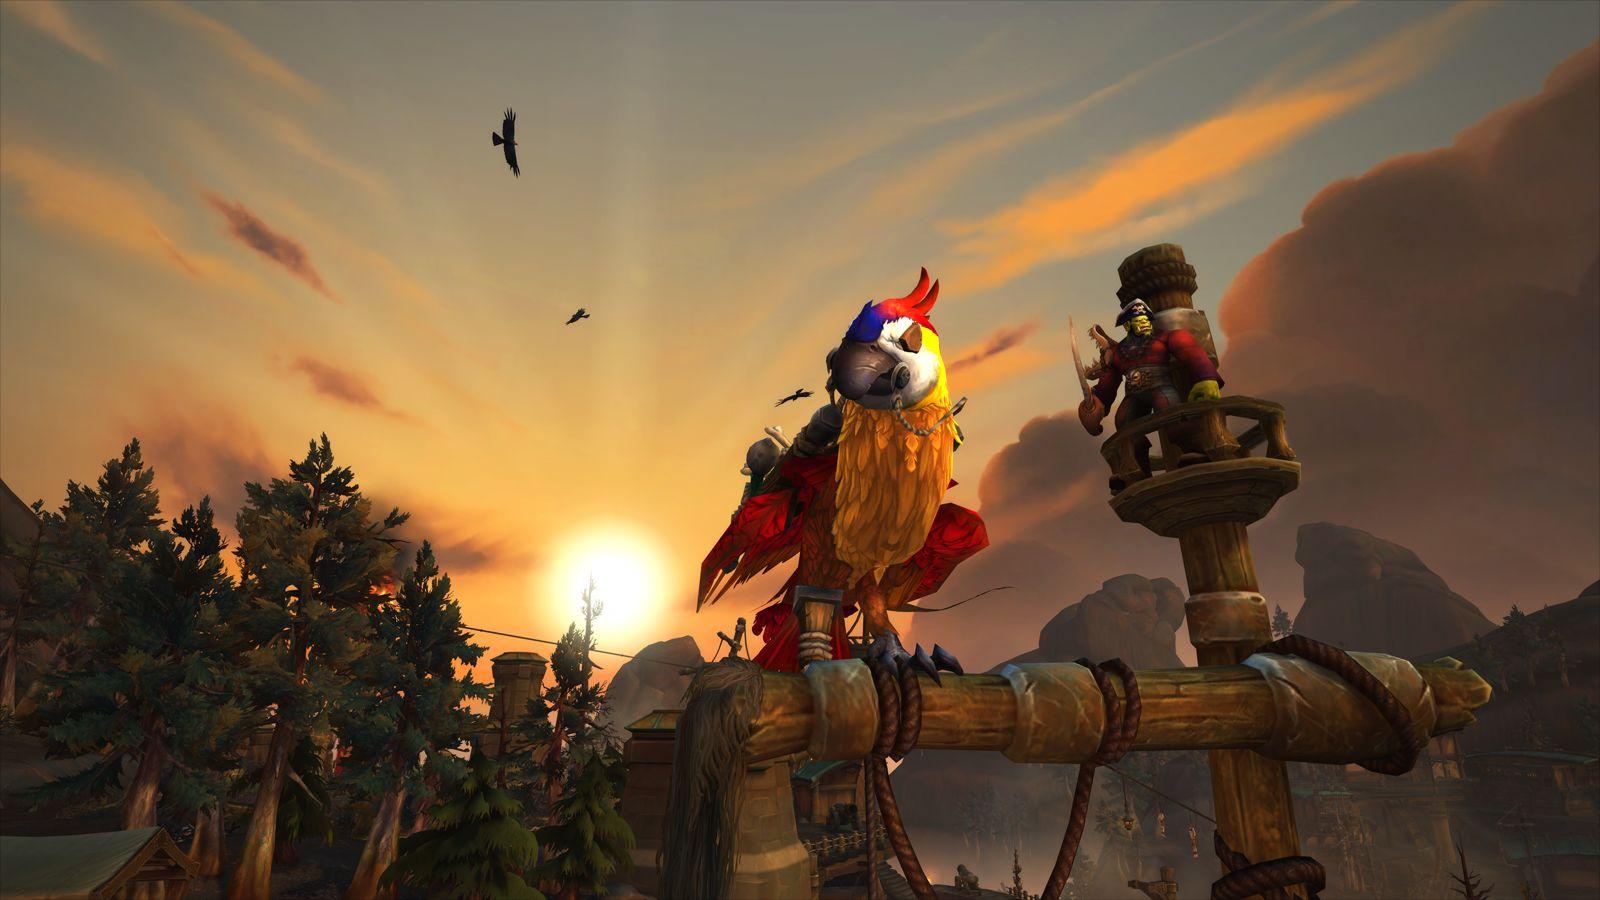 World of warcraft pirate